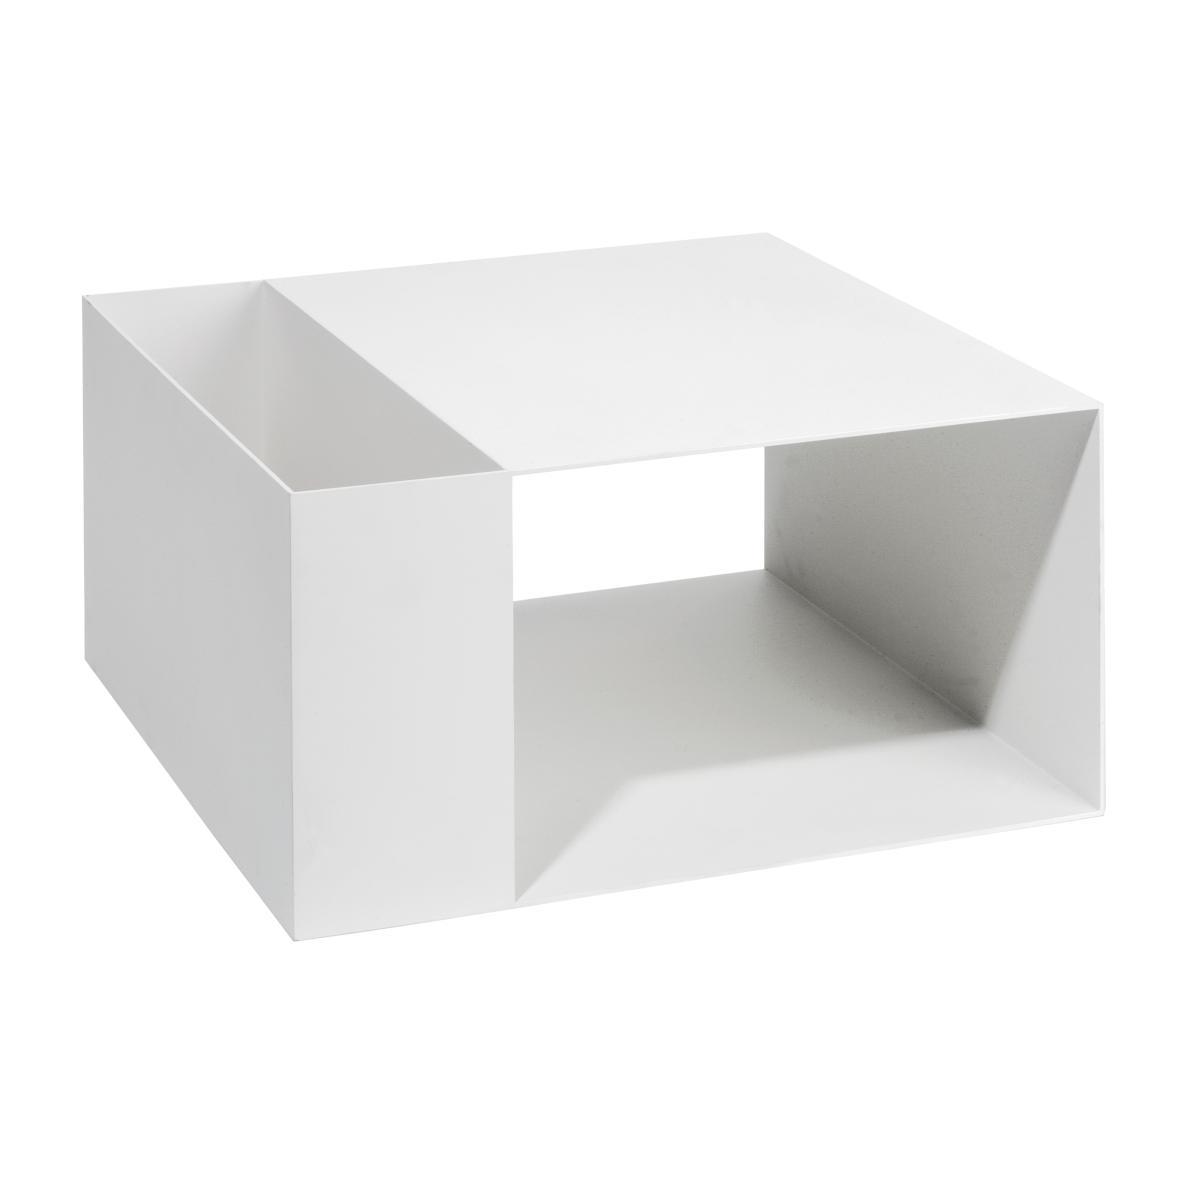 MATCH Beistelltisch T1 pulverbeschichtet weiß